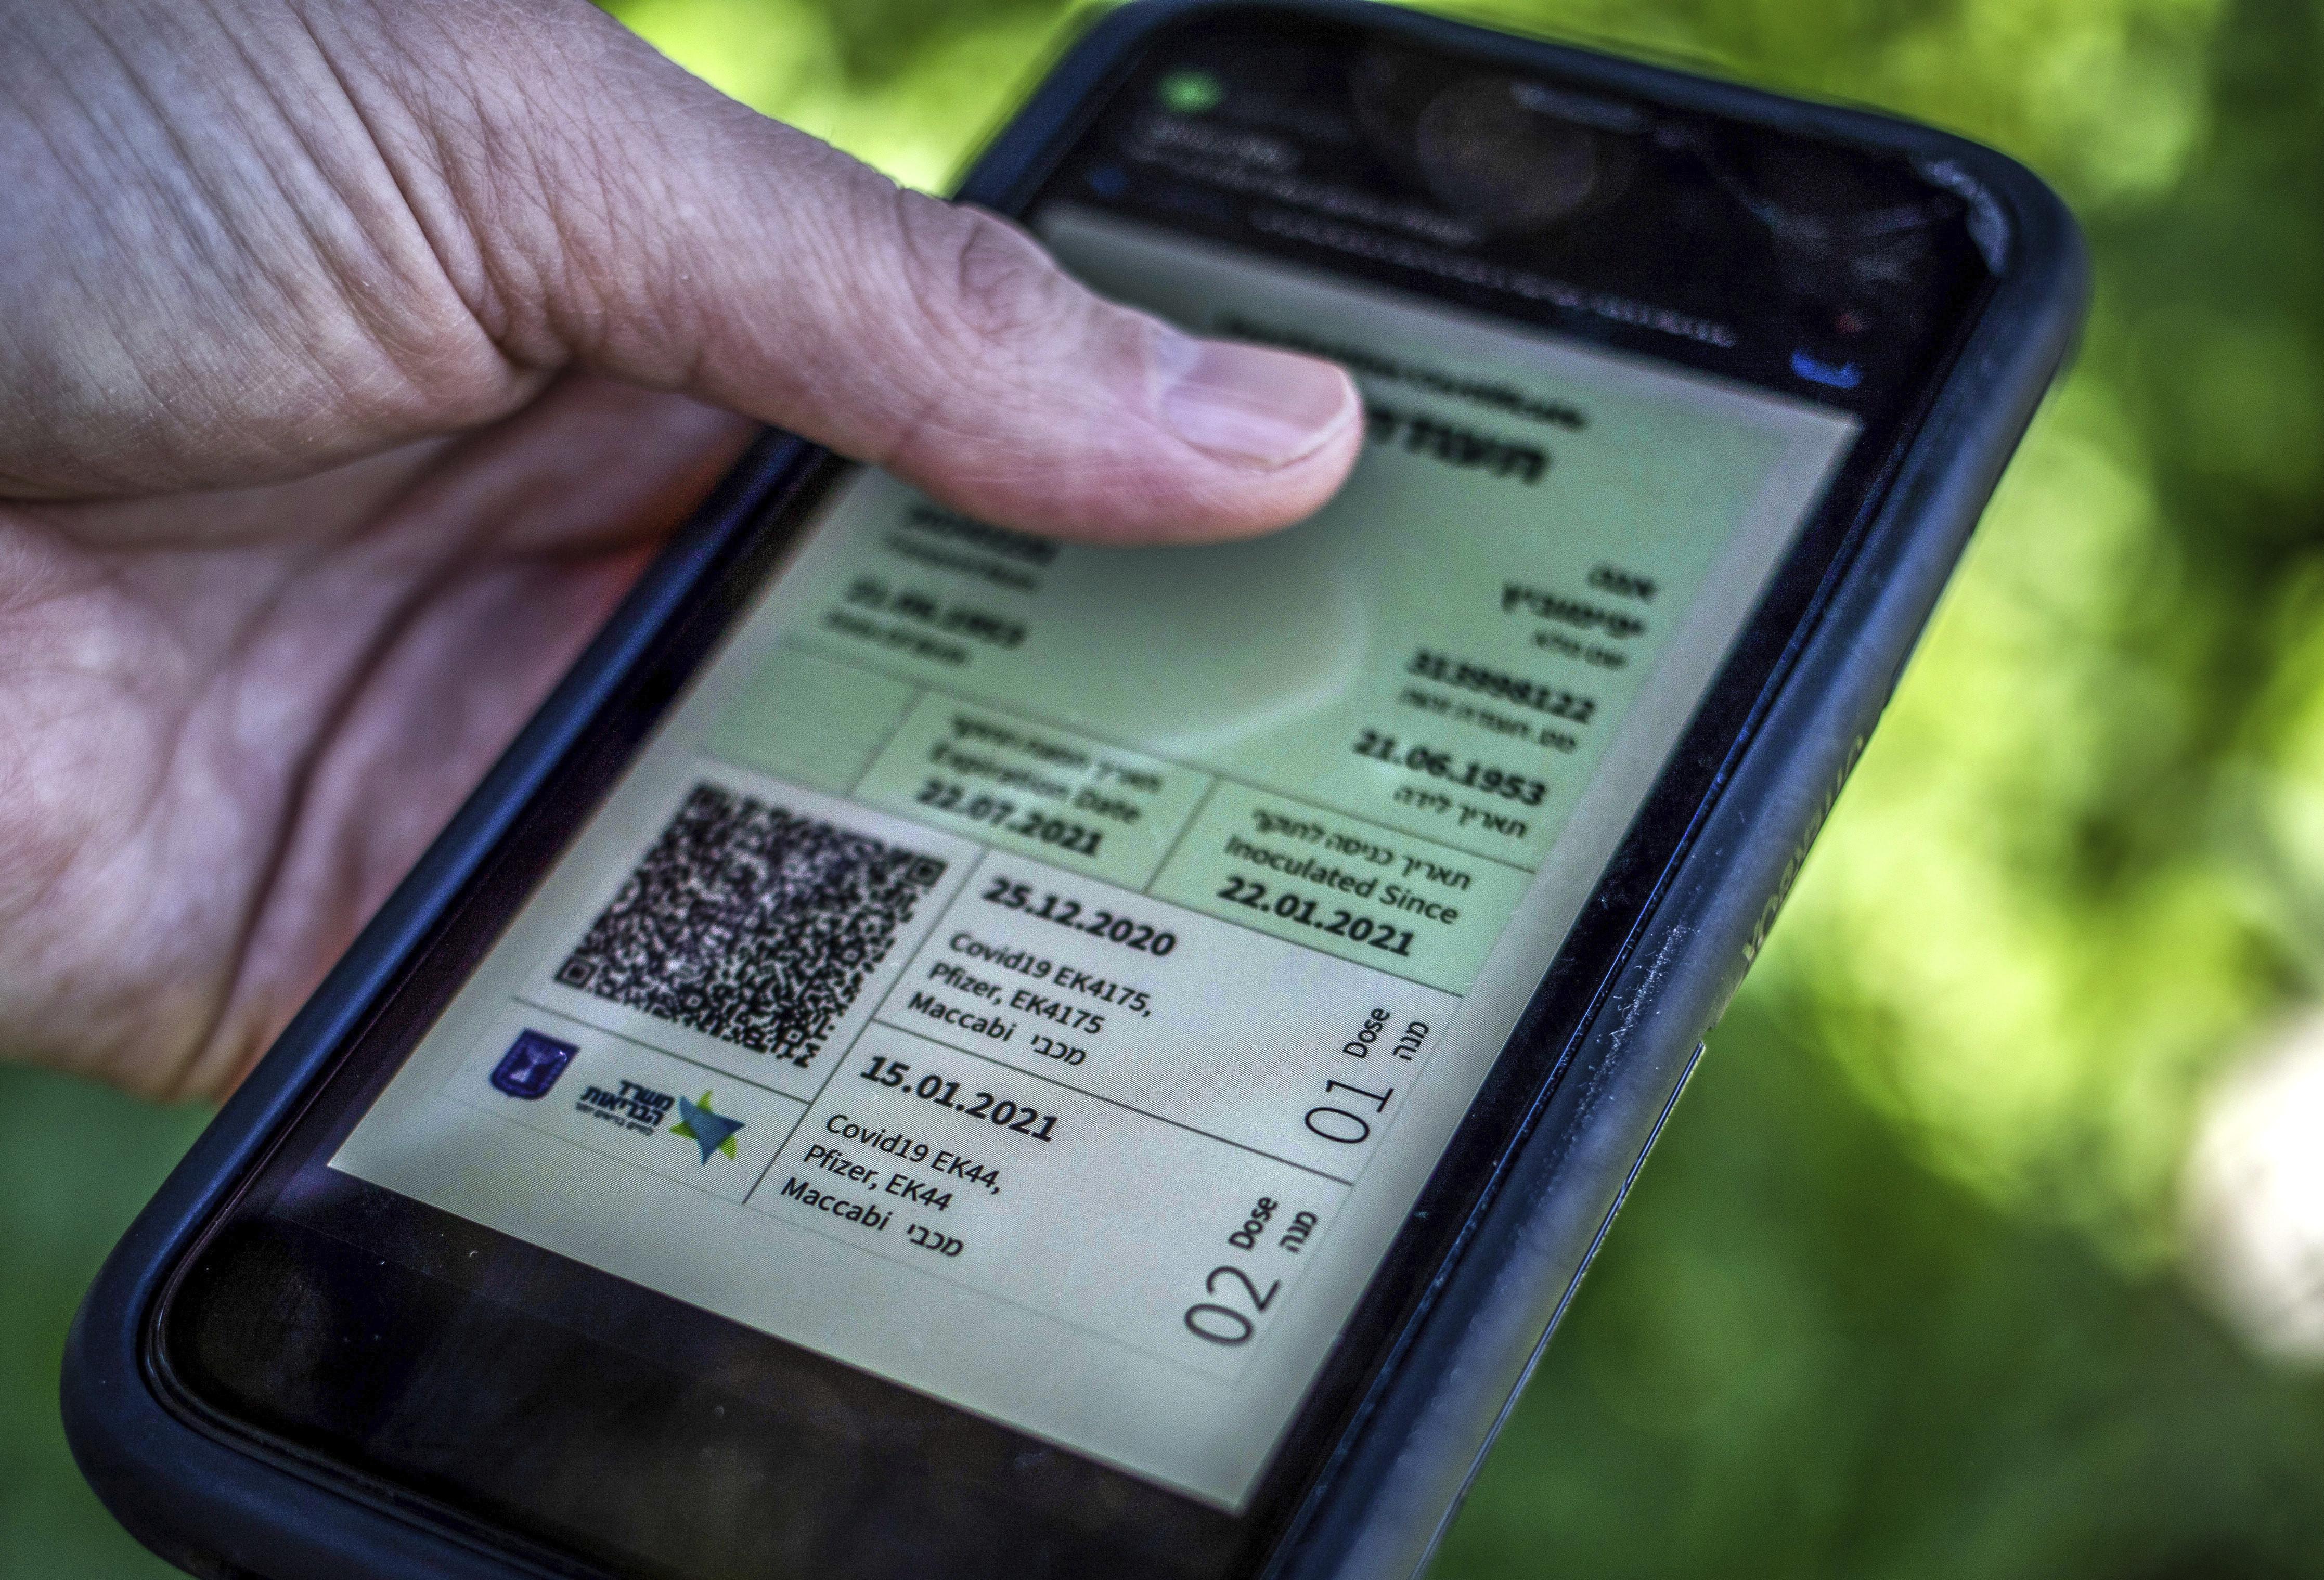 ▲▼以色列推出「綠色通行證」,以恢復日常生活上的便利鼓勵民眾接種疫苗。(圖/達志影像/美聯社)